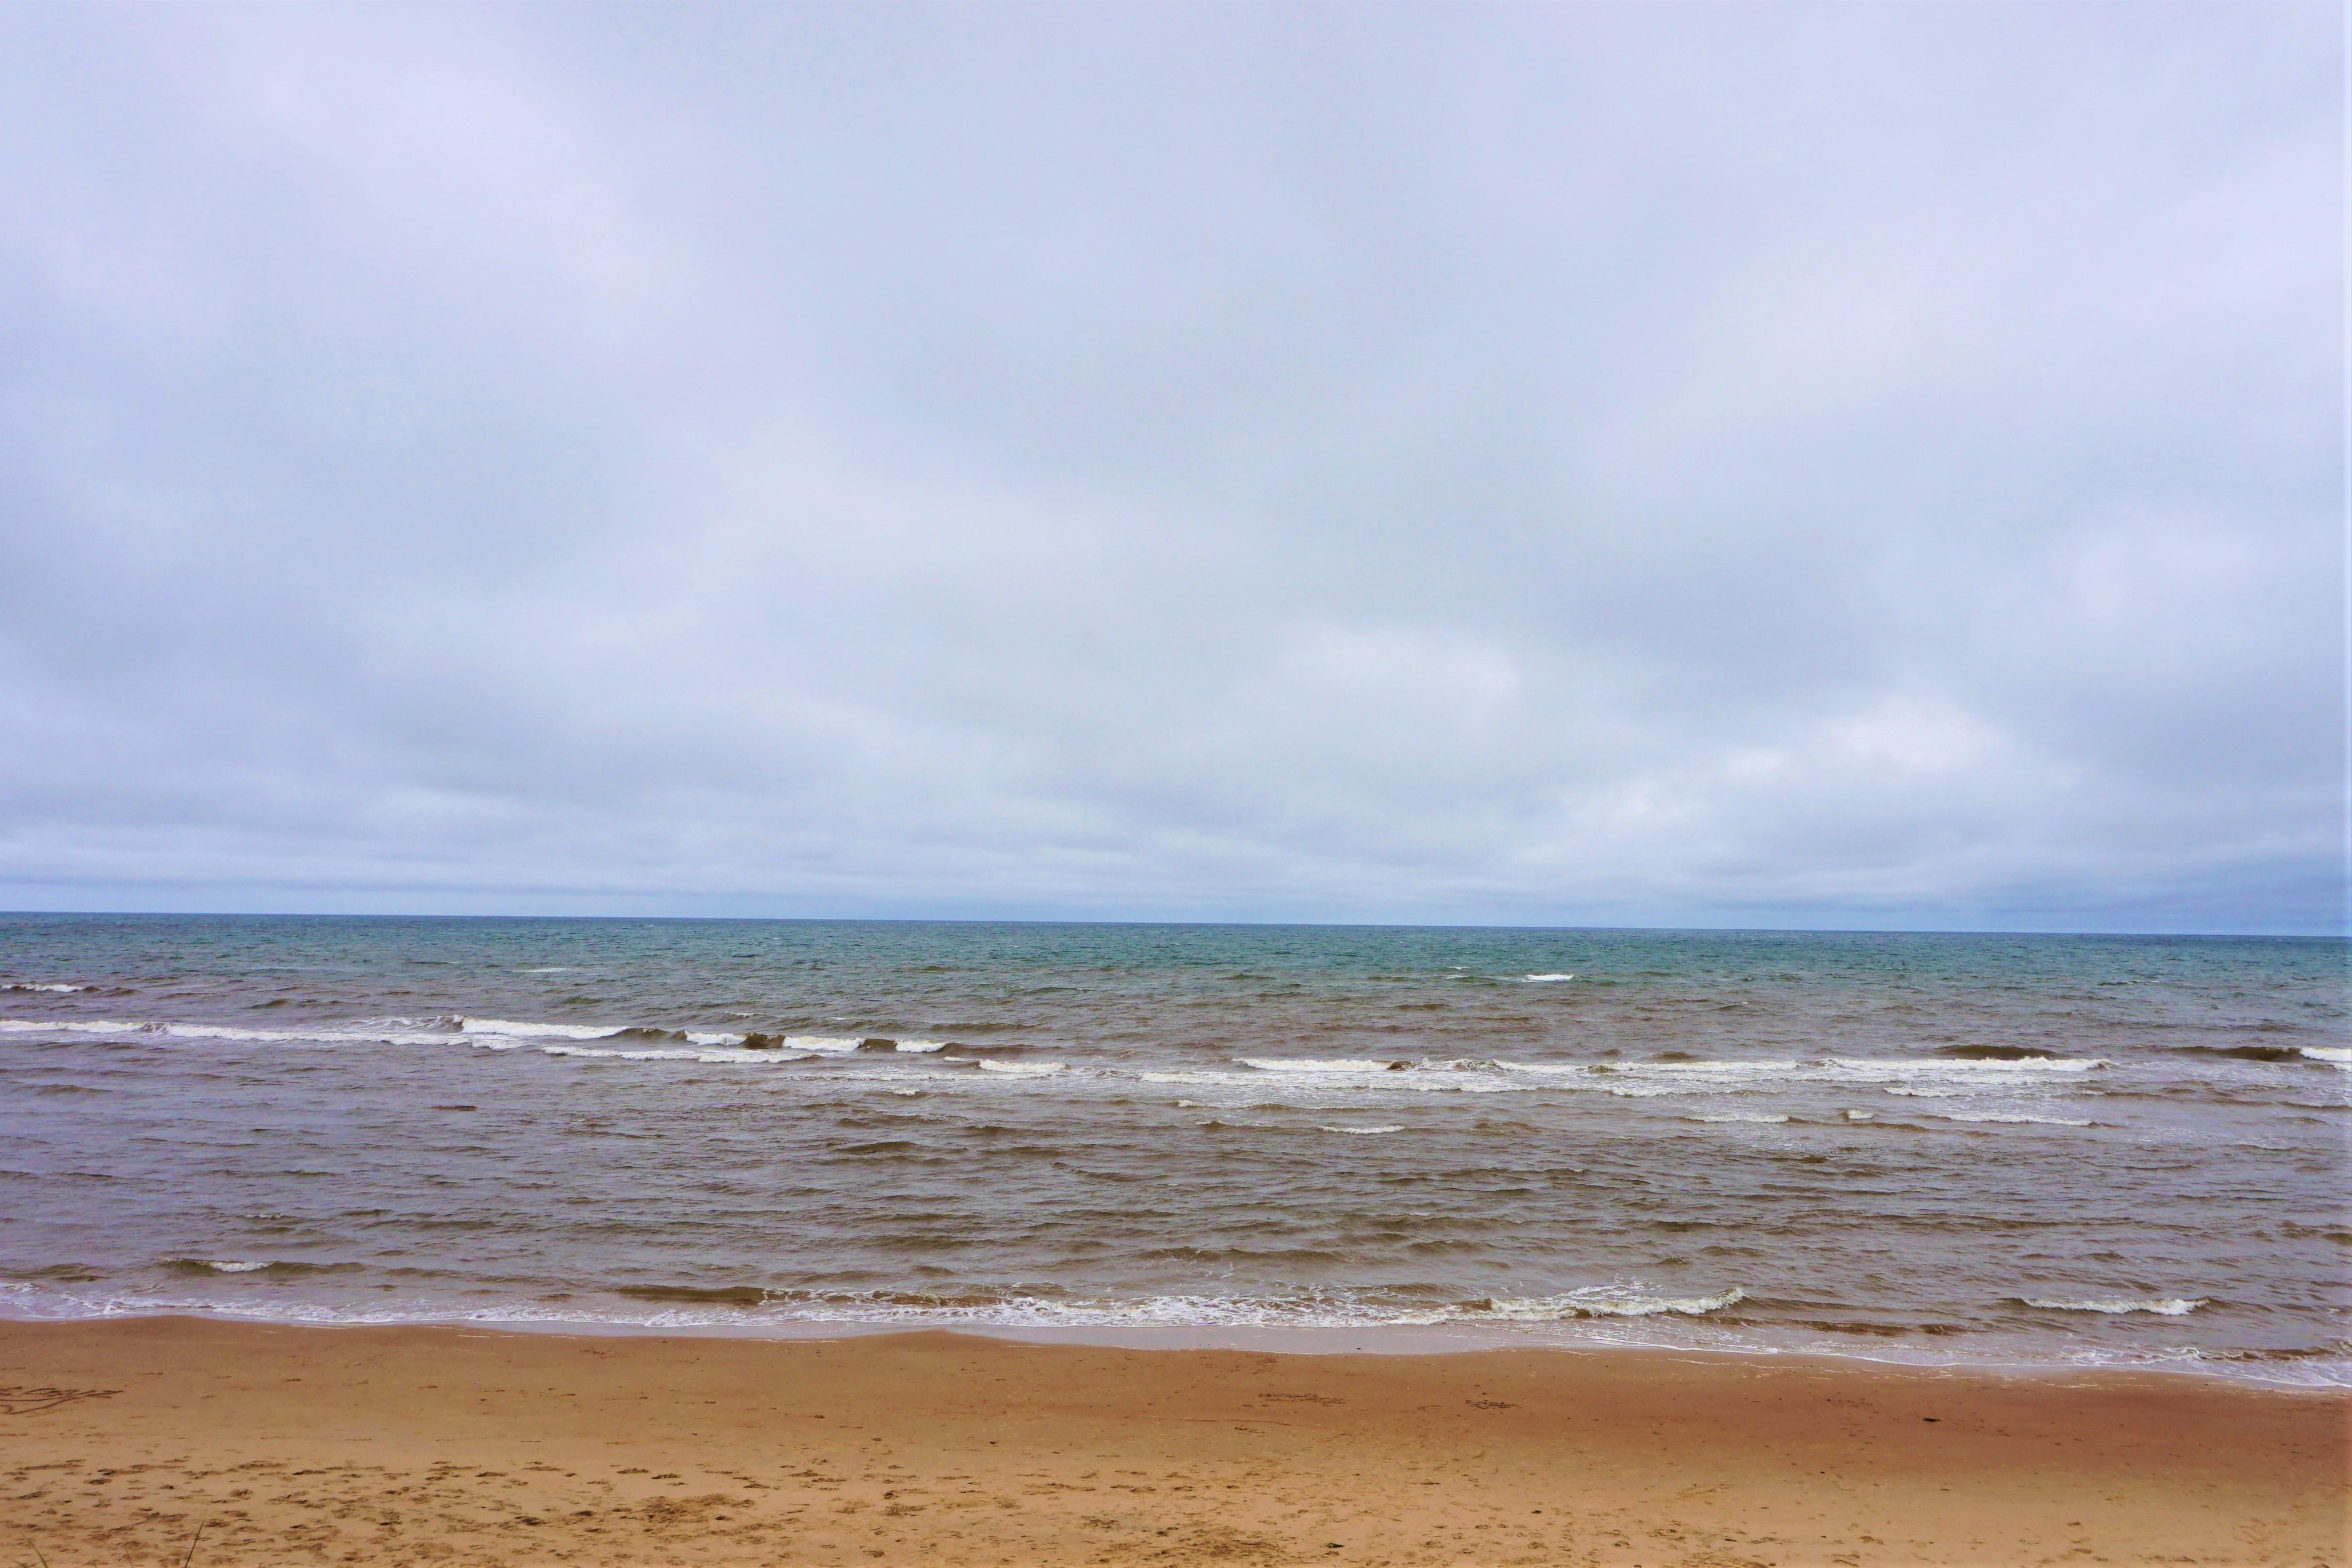 plage voyage Île-du-Prince-Édouard océan sable Le fil rouge